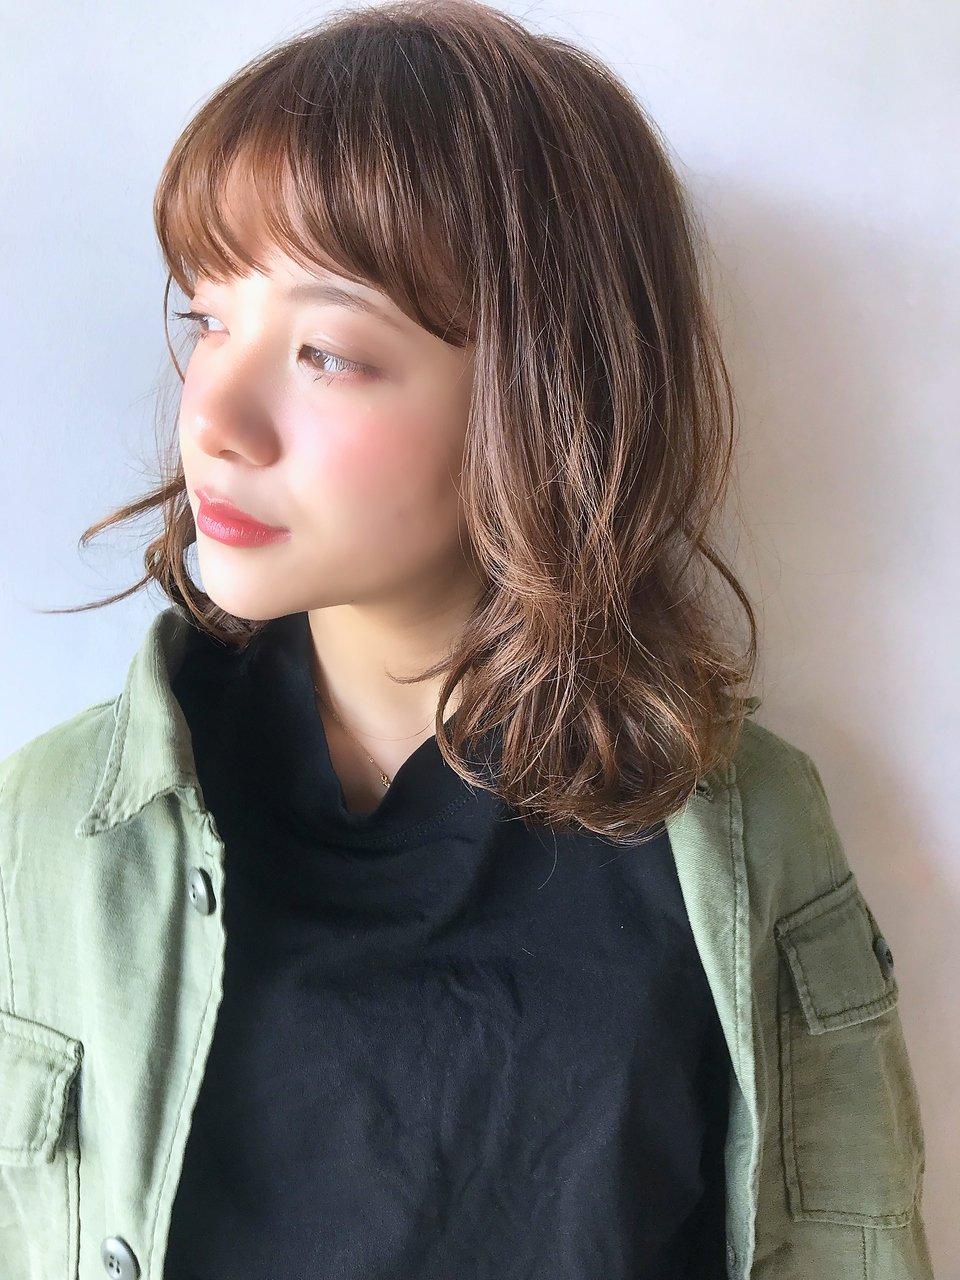 【unami】ラフカール×やわらかベージュカラー☆澤田杏奈